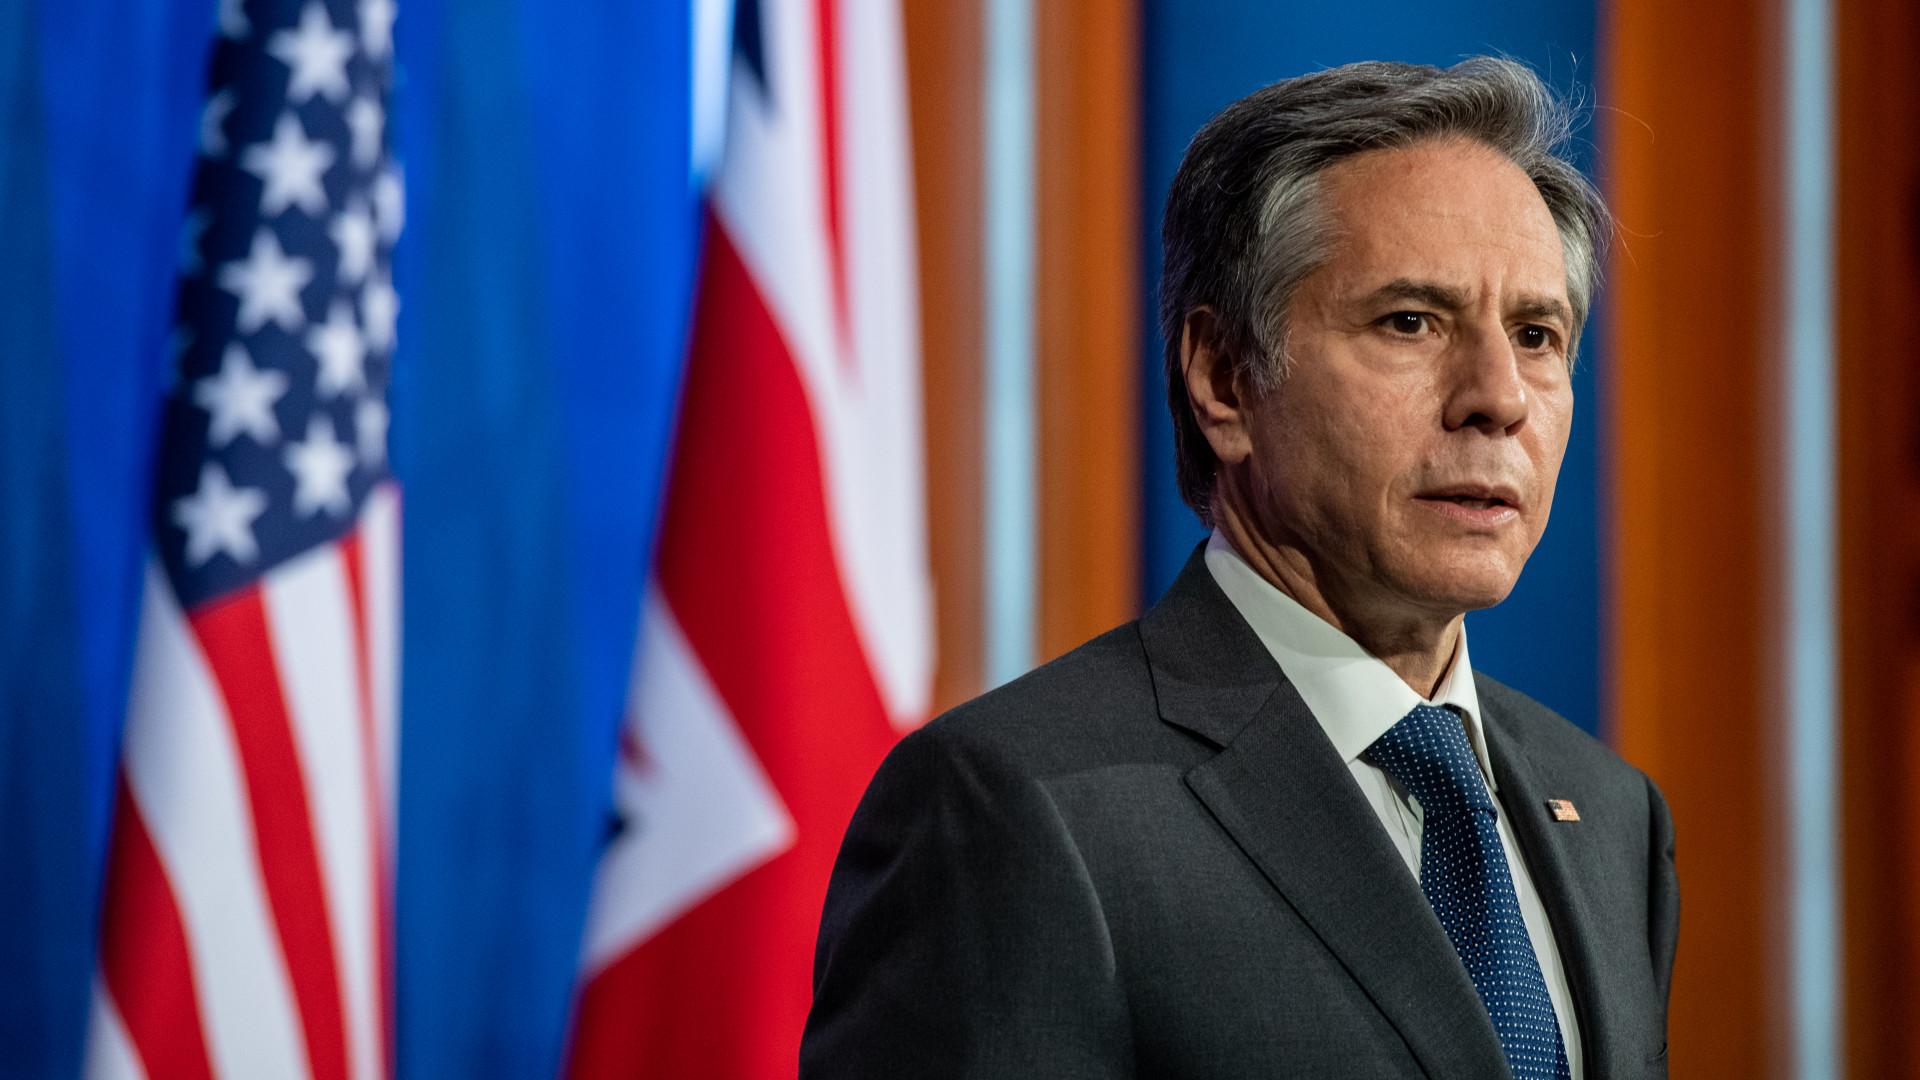 США рассчитывает, что партнерство с Узбекистаном станет более прочным